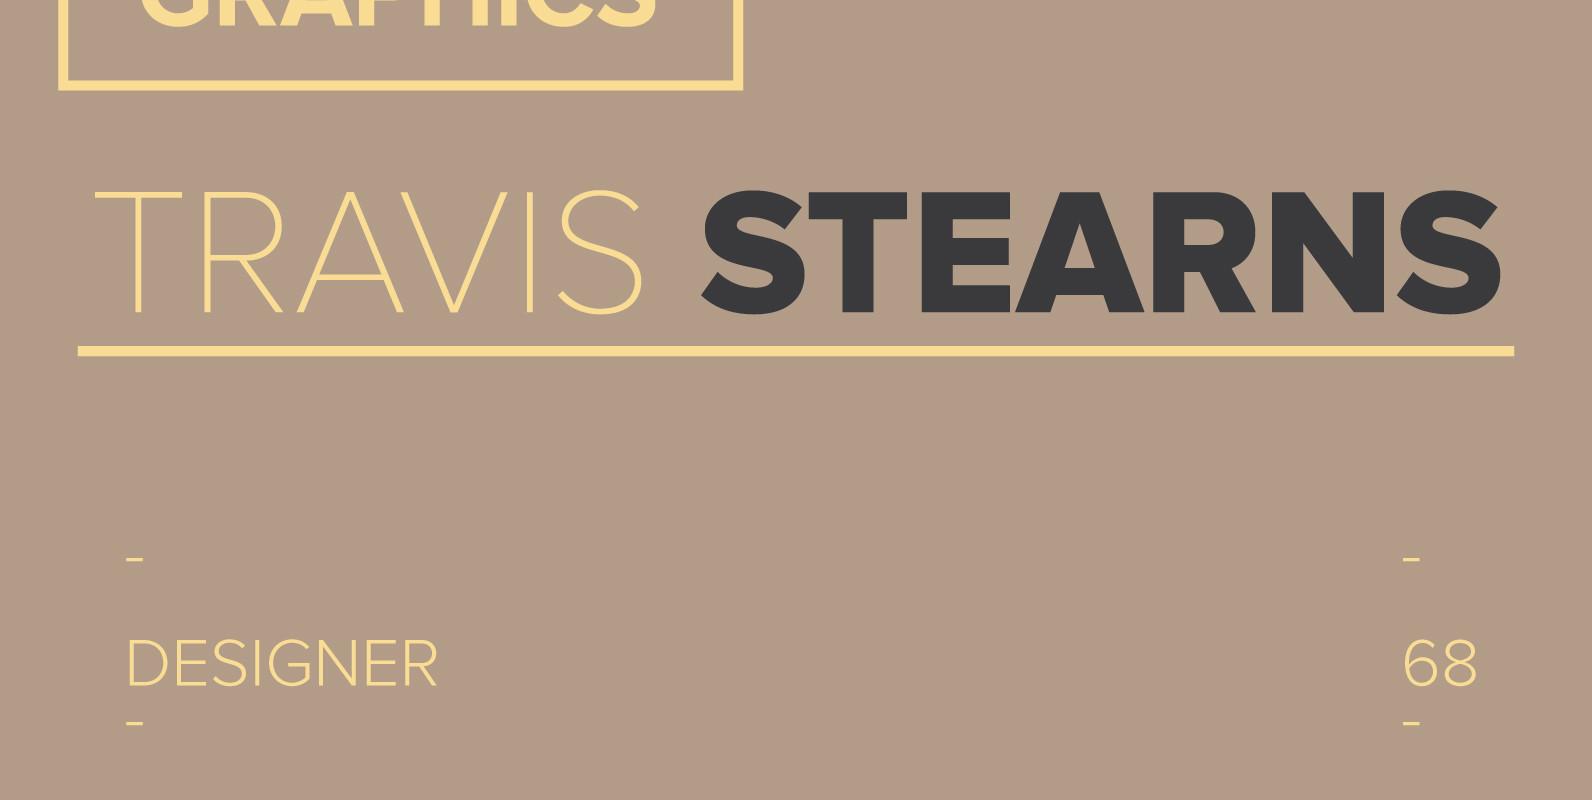 Travis Stearns